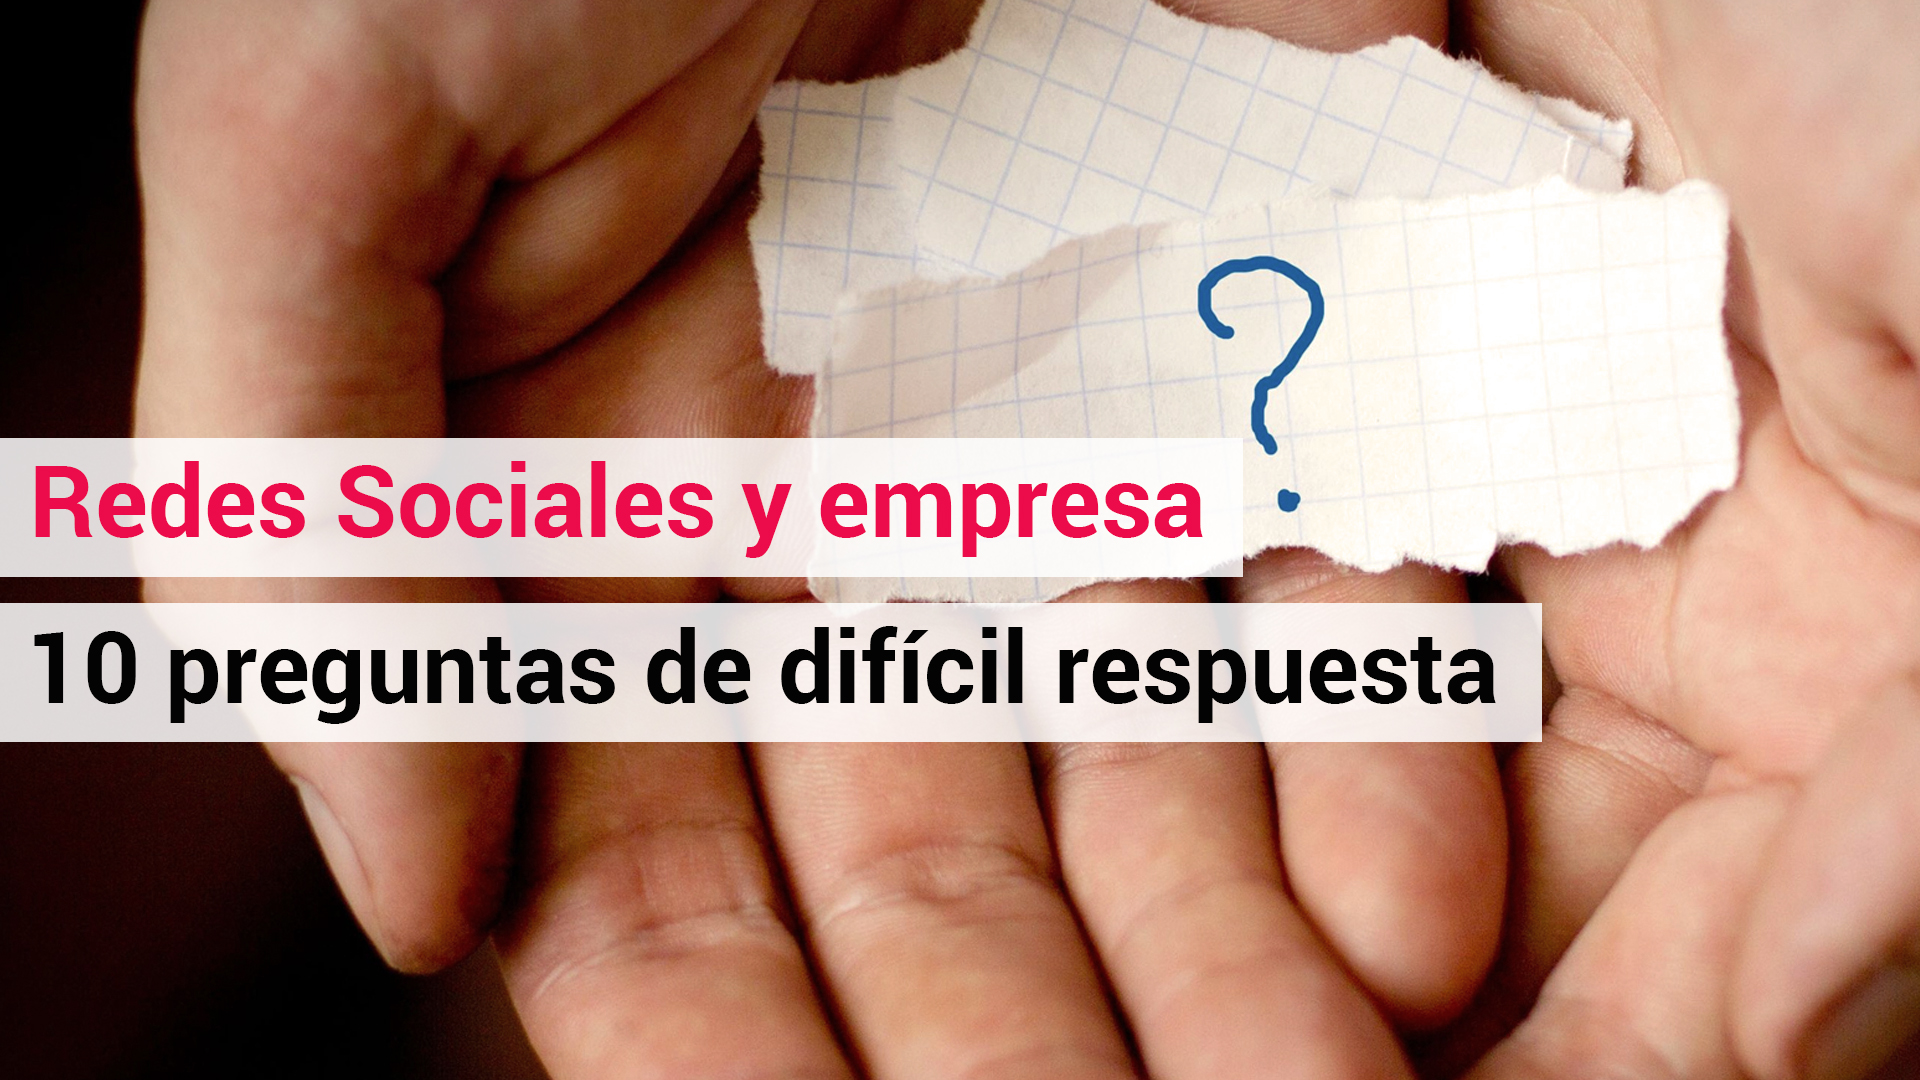 Redes Sociales y empresa: 10 preguntas de difícil respuesta [infografía]